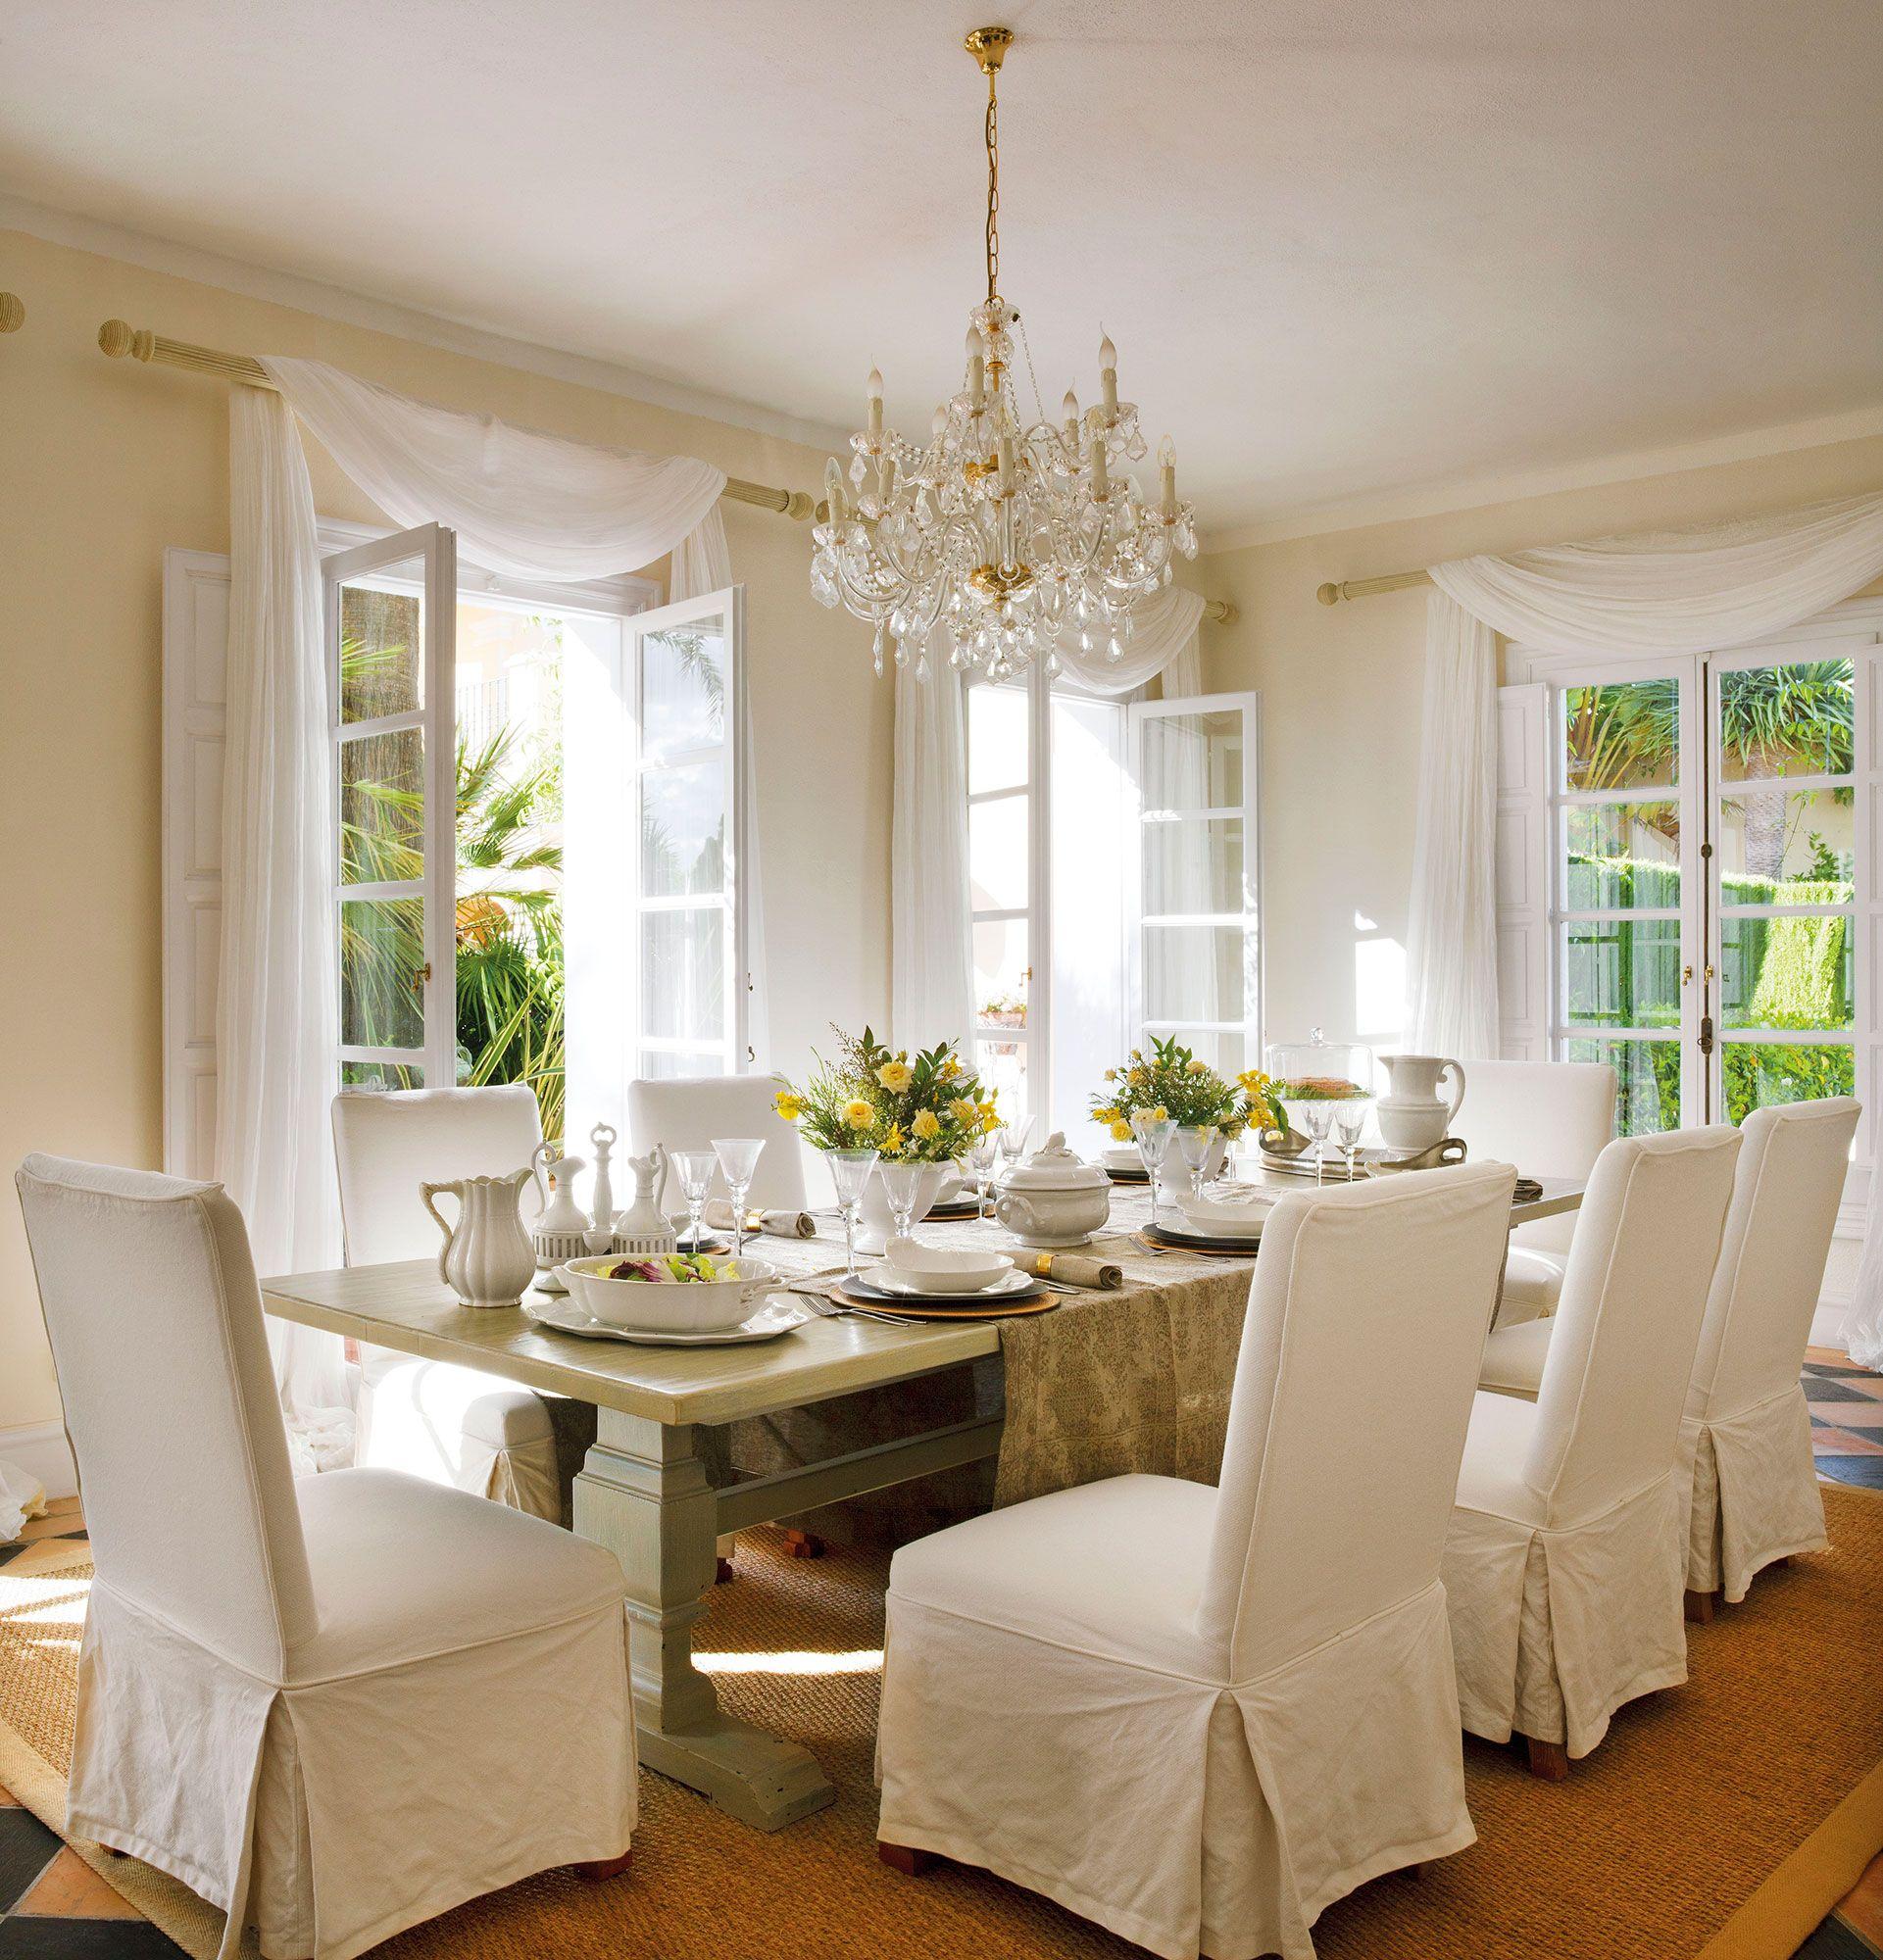 Enf ndate de comodidad a gusto comiendo beautiful for Mesa de comedor elegante lamentable